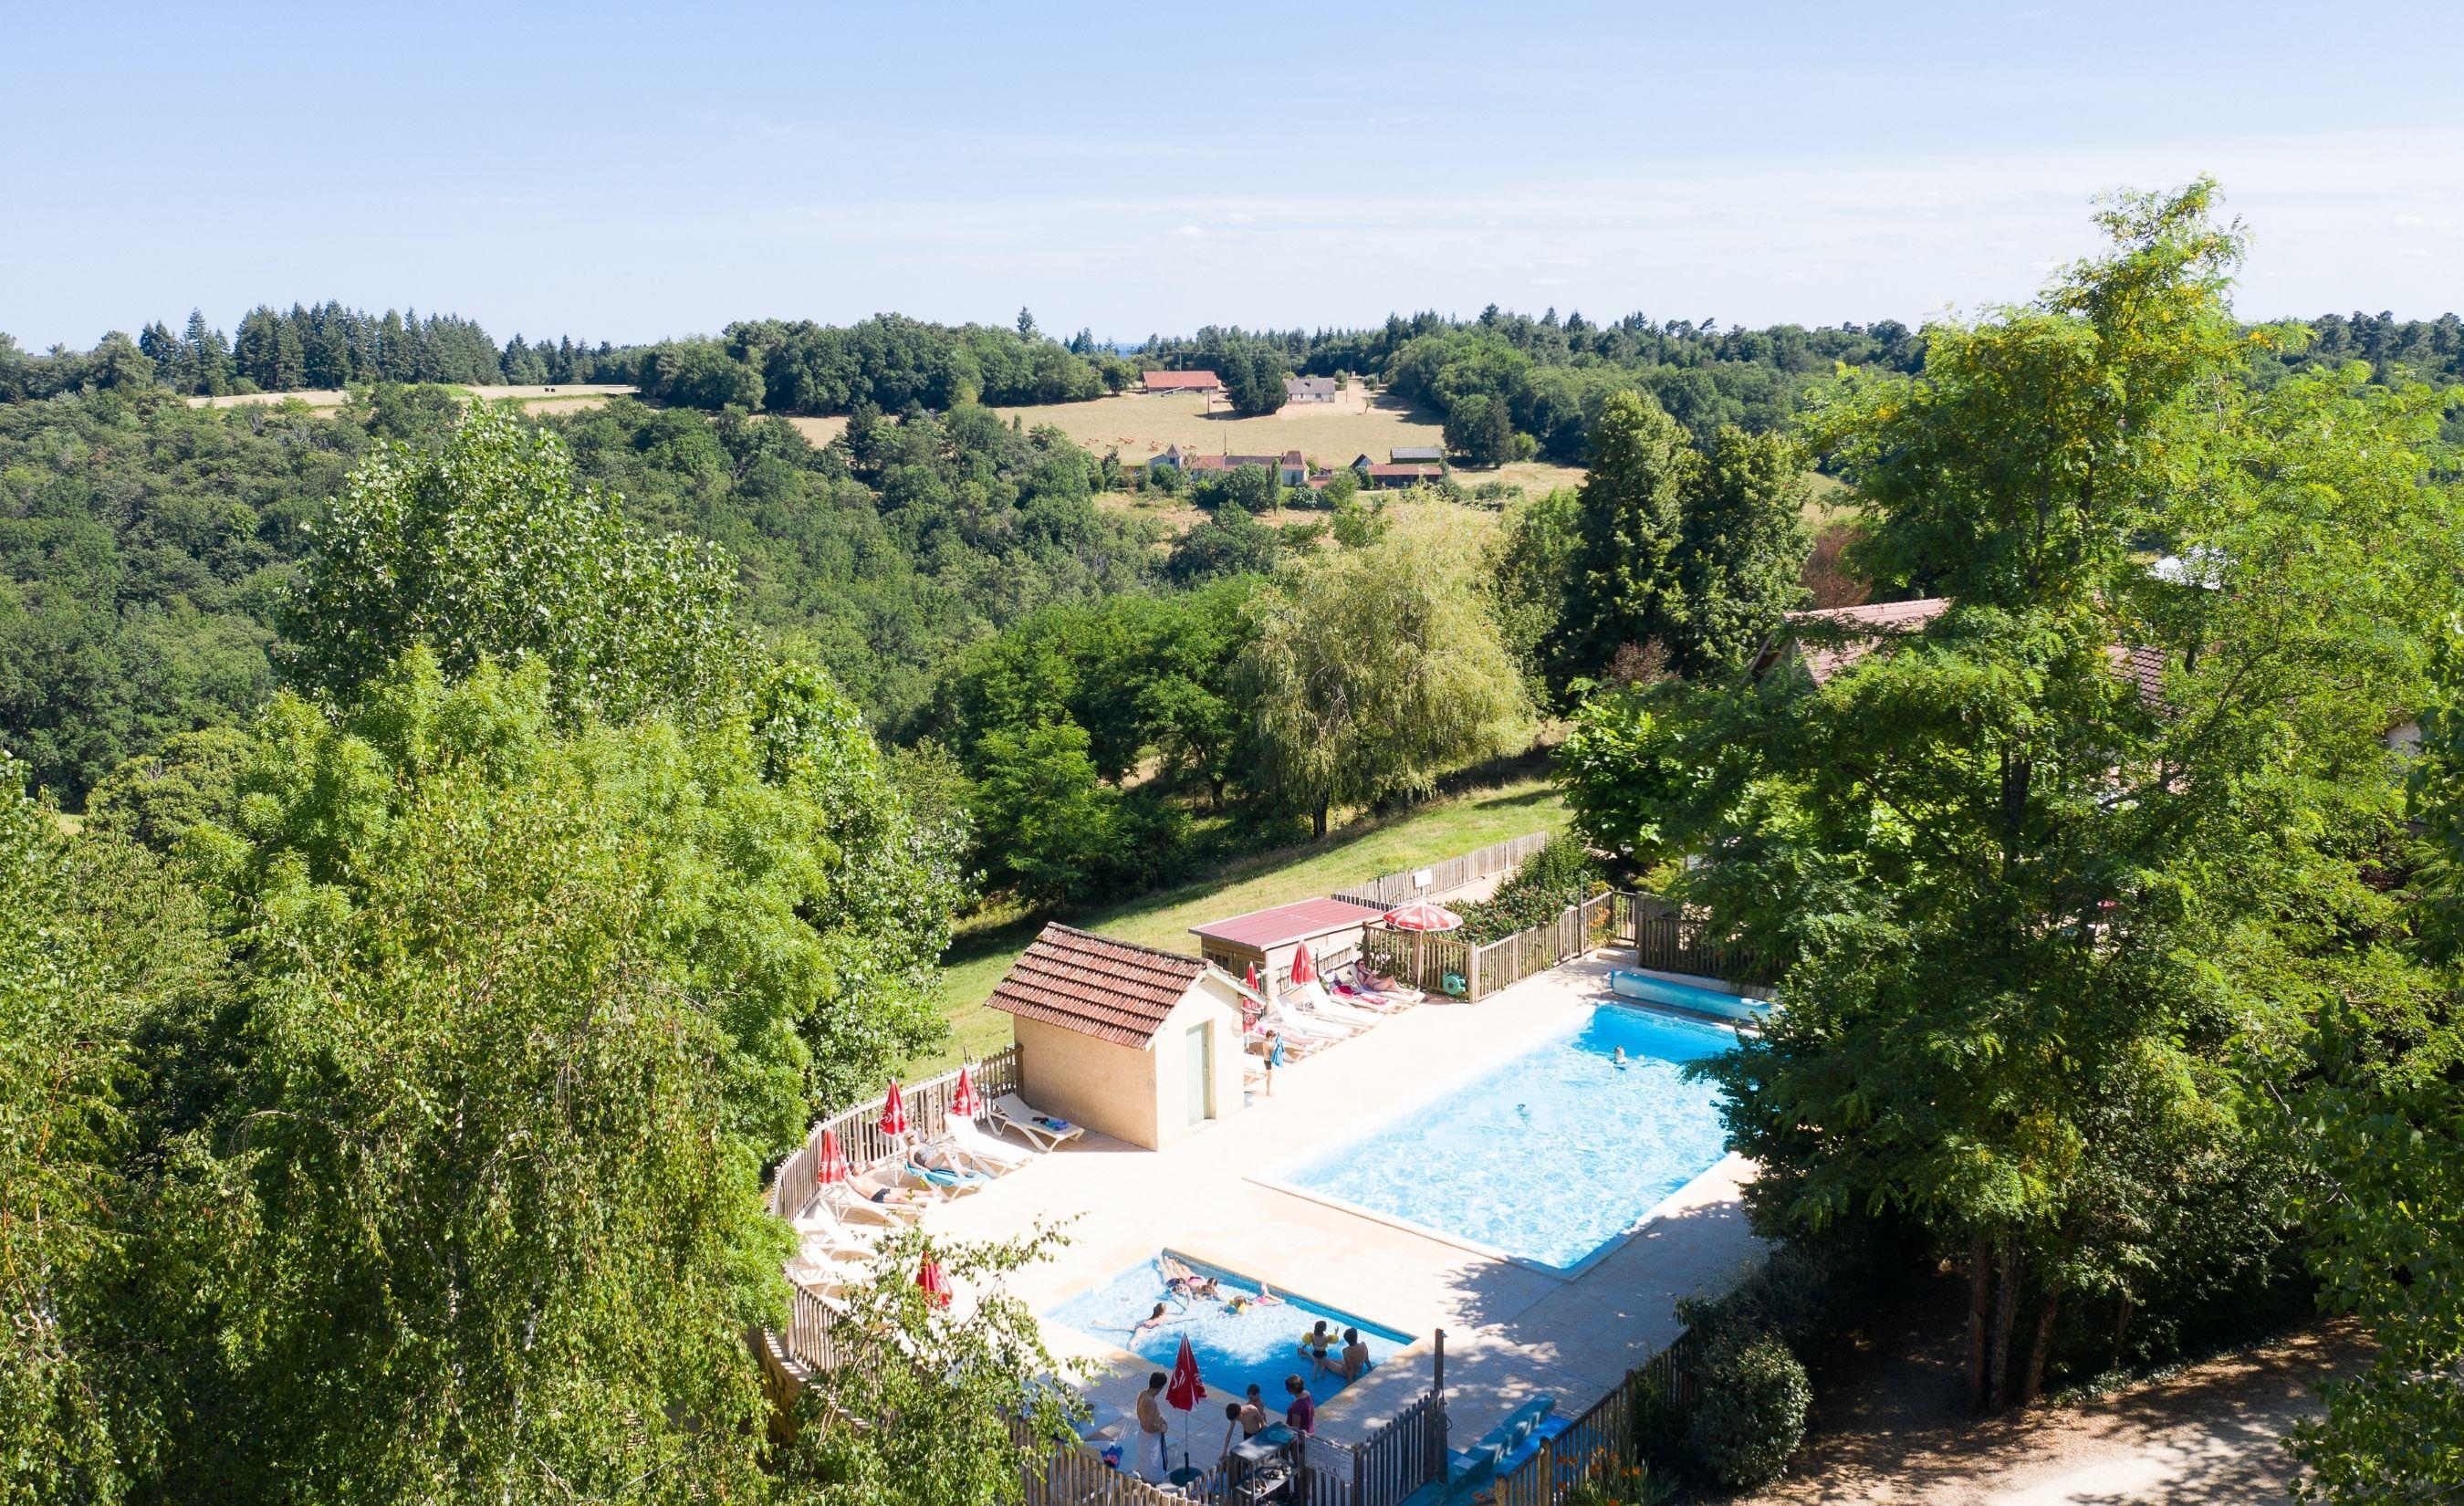 Camping l'Offrerie, Rouffignac-Saint-Cernin-de-Reilhac, Dordogne